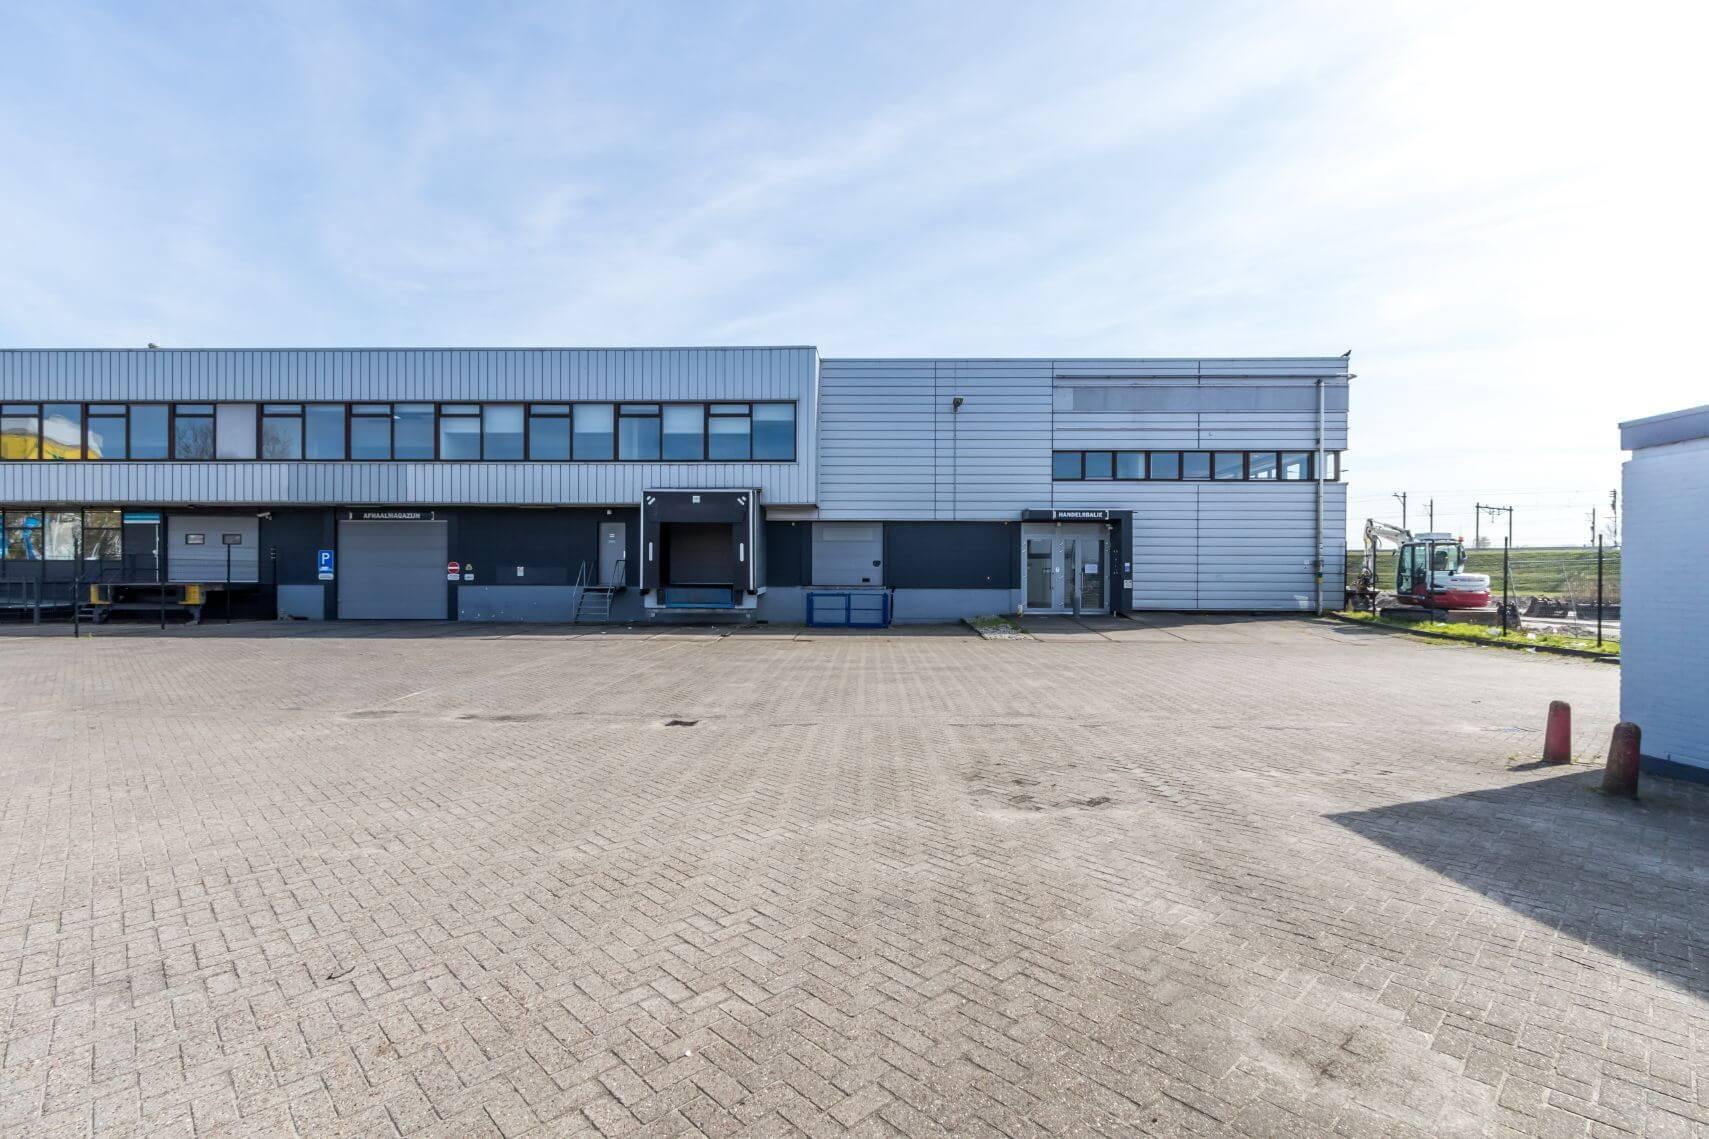 Bedrijfsruimte Van der Madeweg 39/53-57